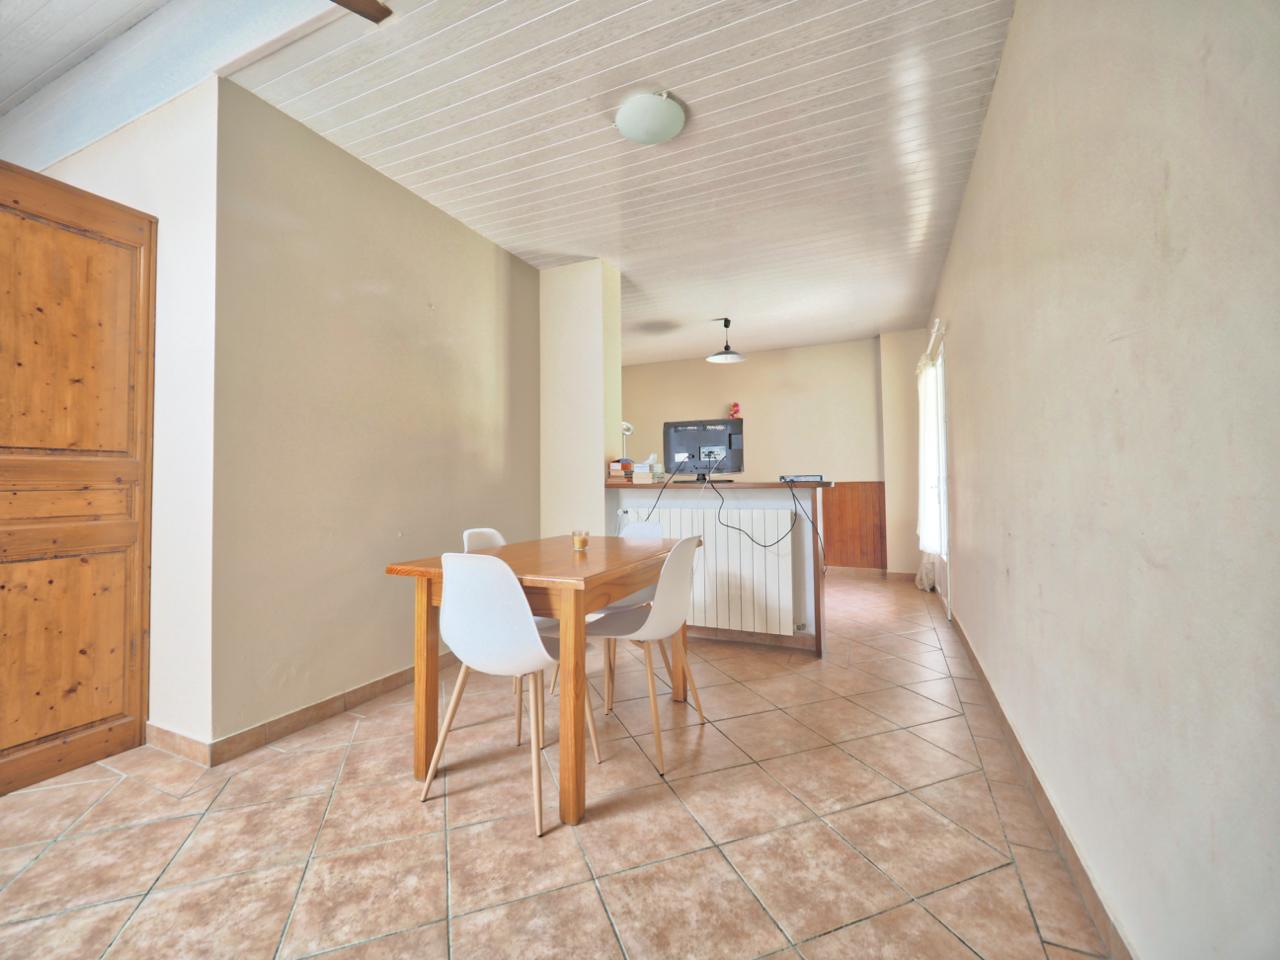 Vente maison 10 pièces  à CIBOURE - 9